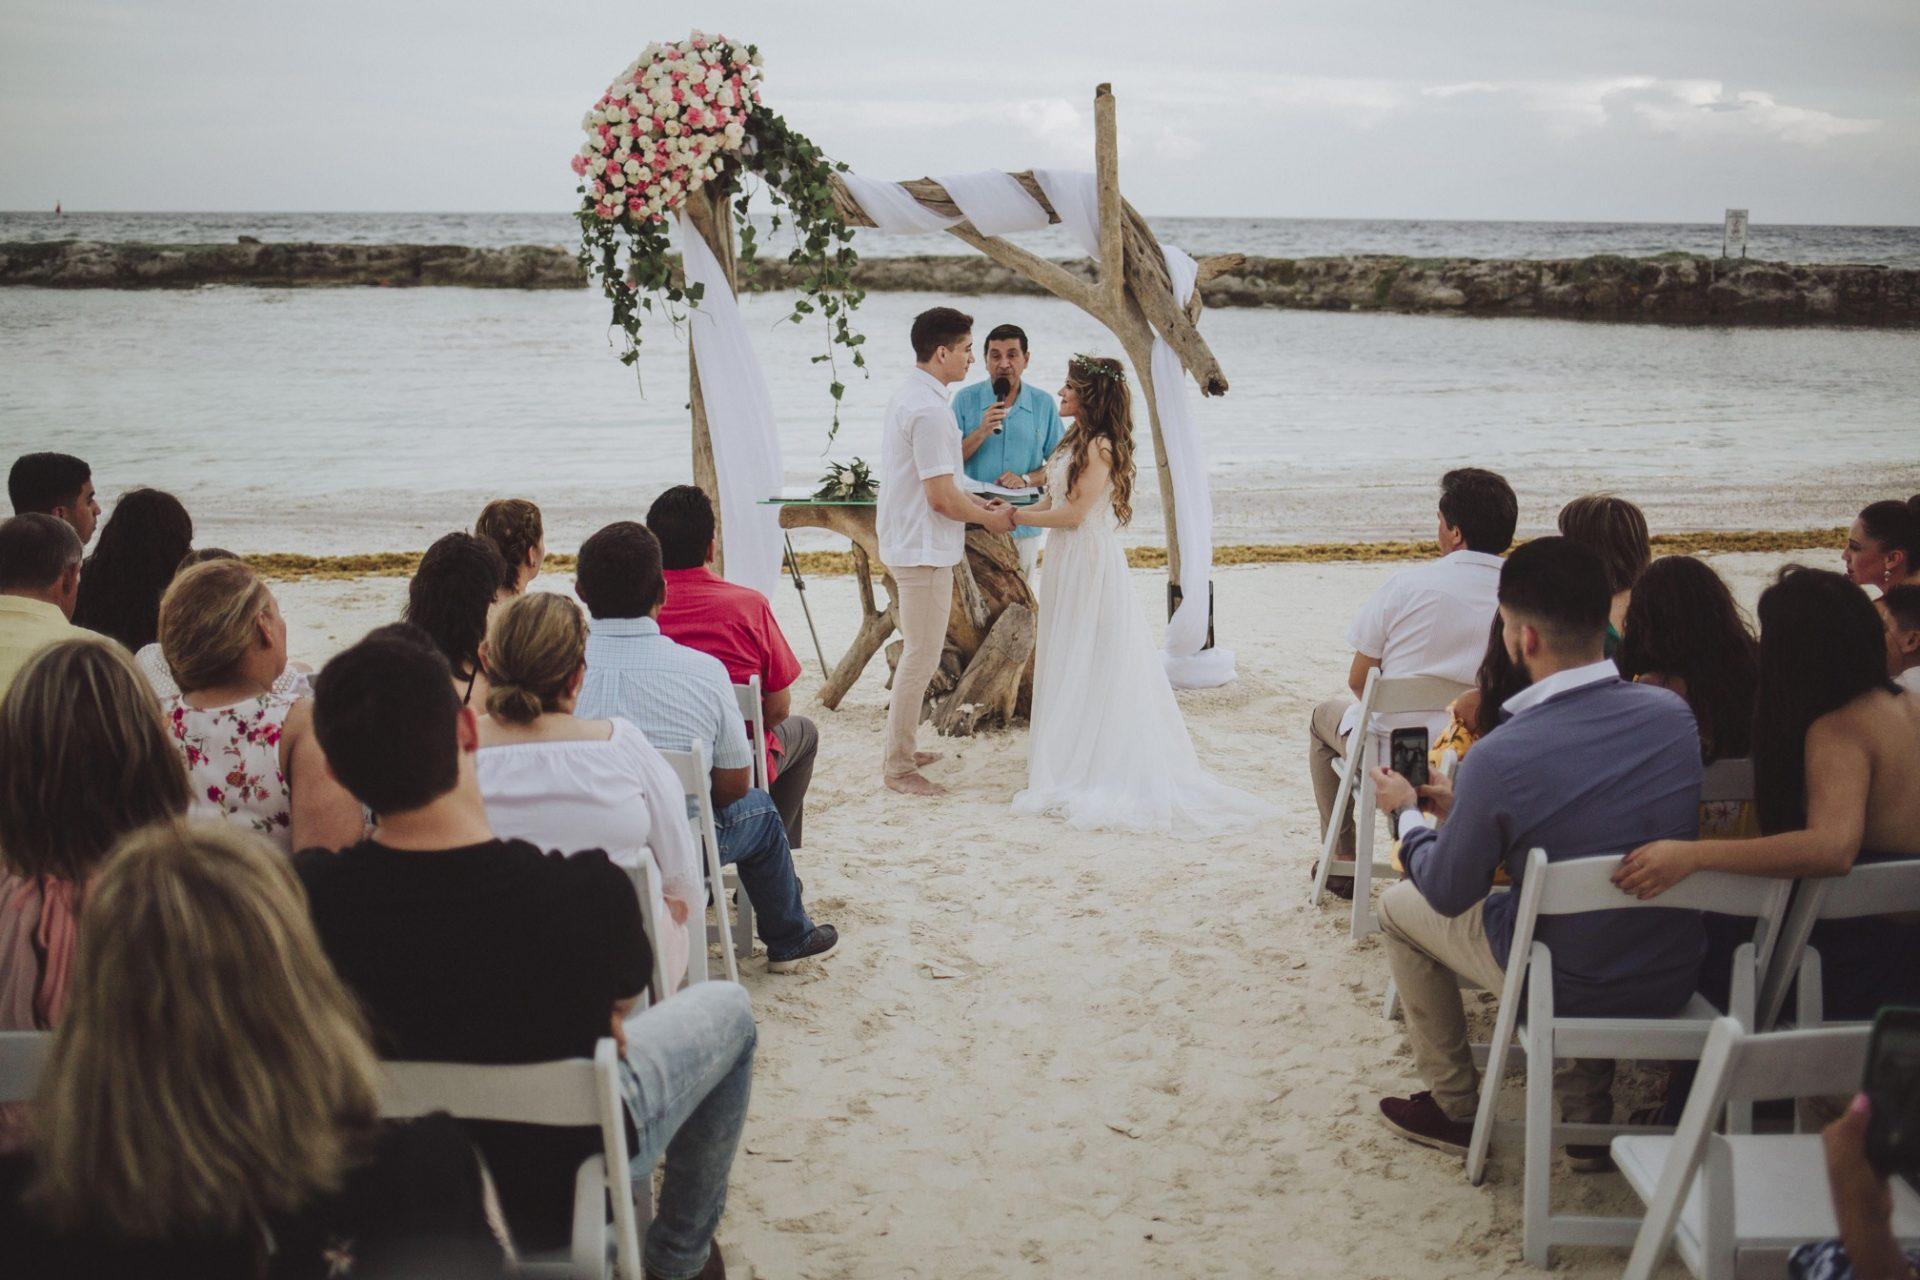 fotografo_bodas_profesional_zacatecas_riviera_maya_cancun-48